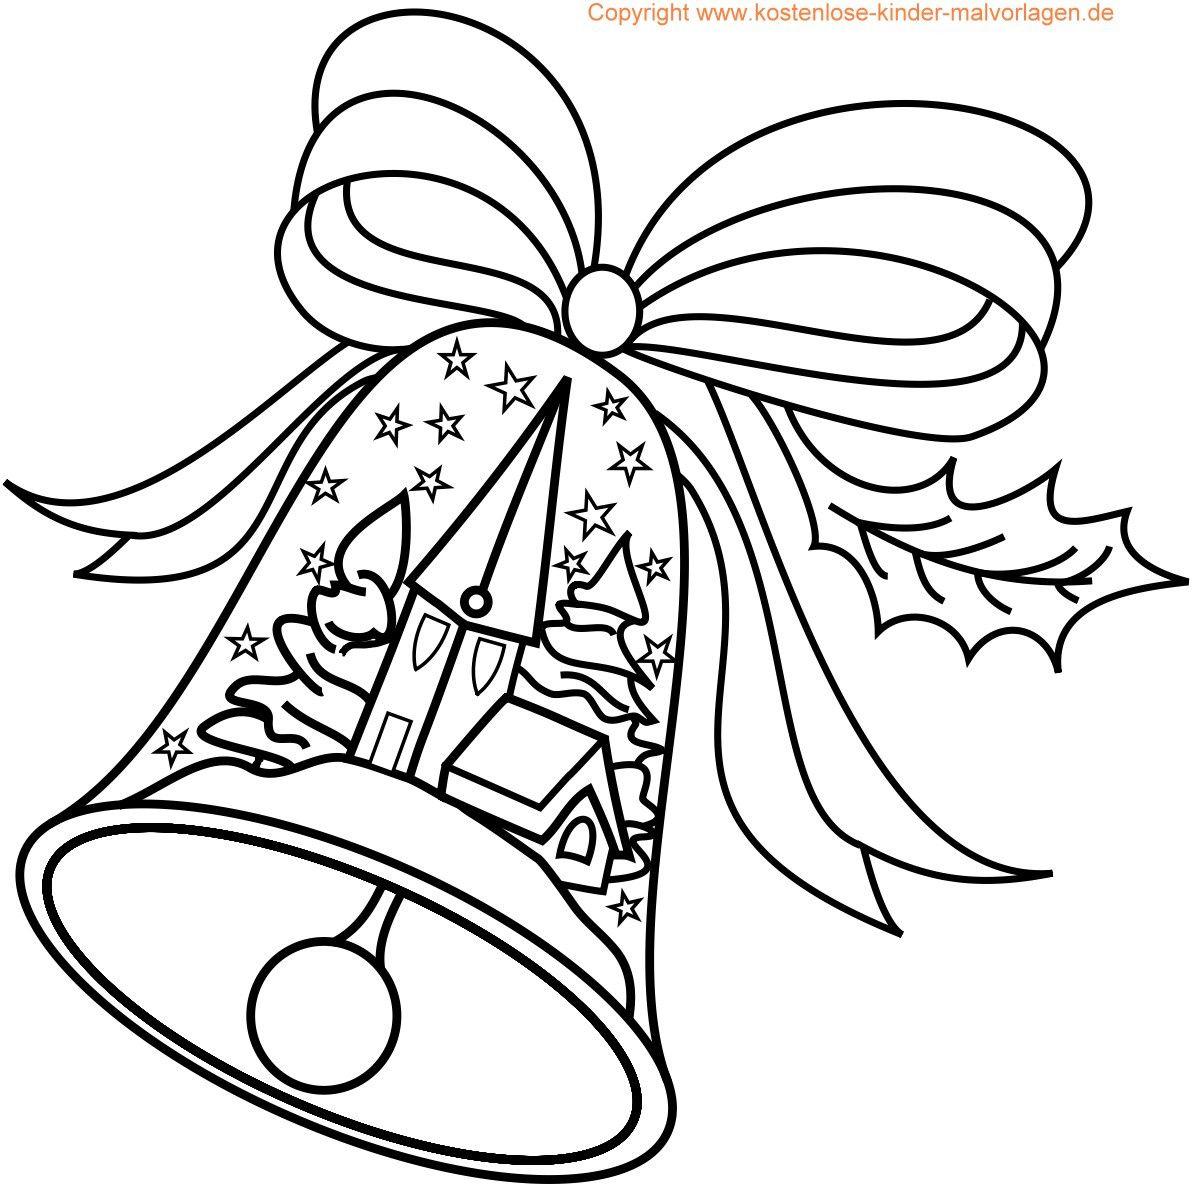 10 positiv malvorlagen weihnachten kostenlos   malvorlagen